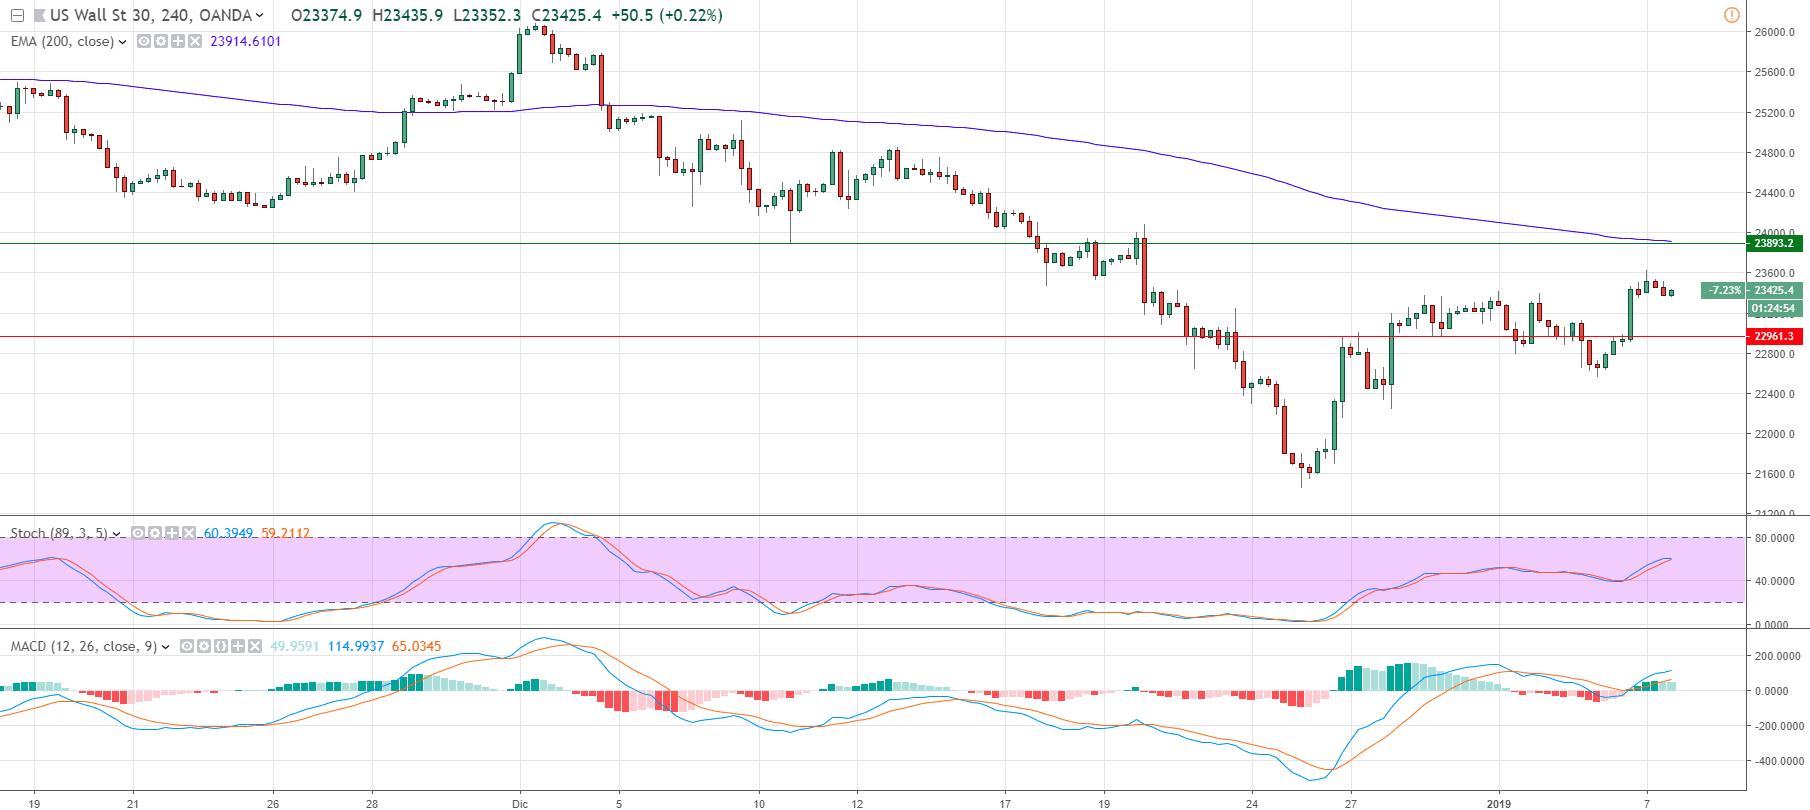 Representa el precio del indice Dow Jones.